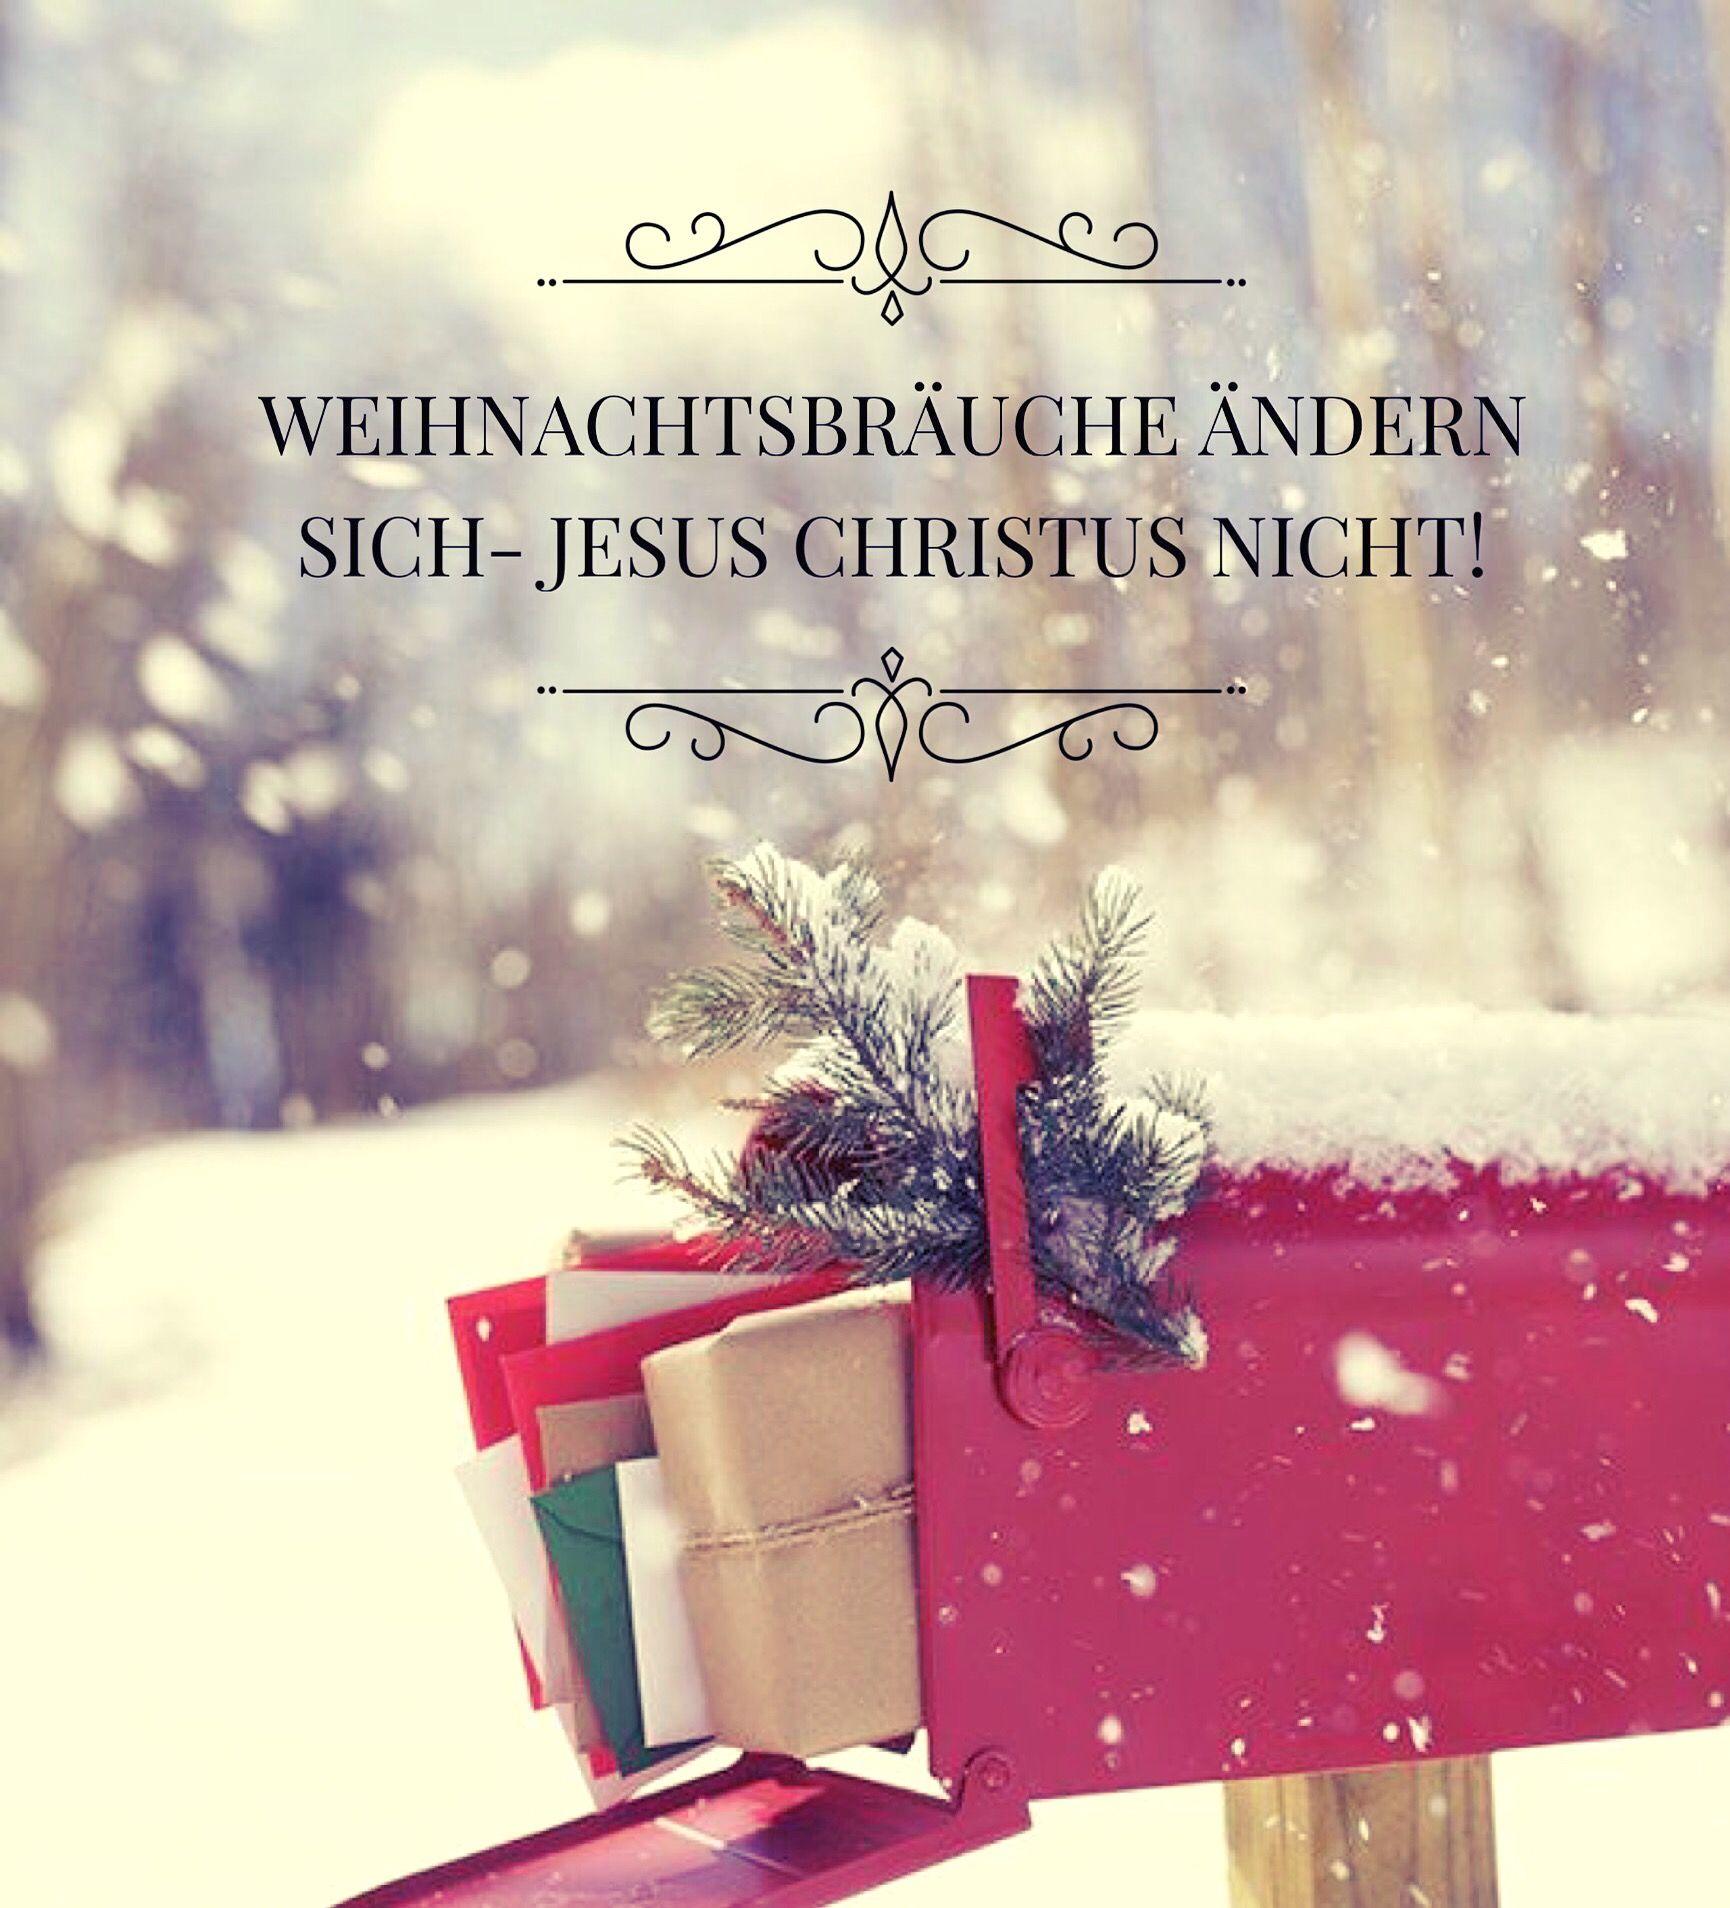 pin von orsolya gere auf german weihnachten gedichte. Black Bedroom Furniture Sets. Home Design Ideas